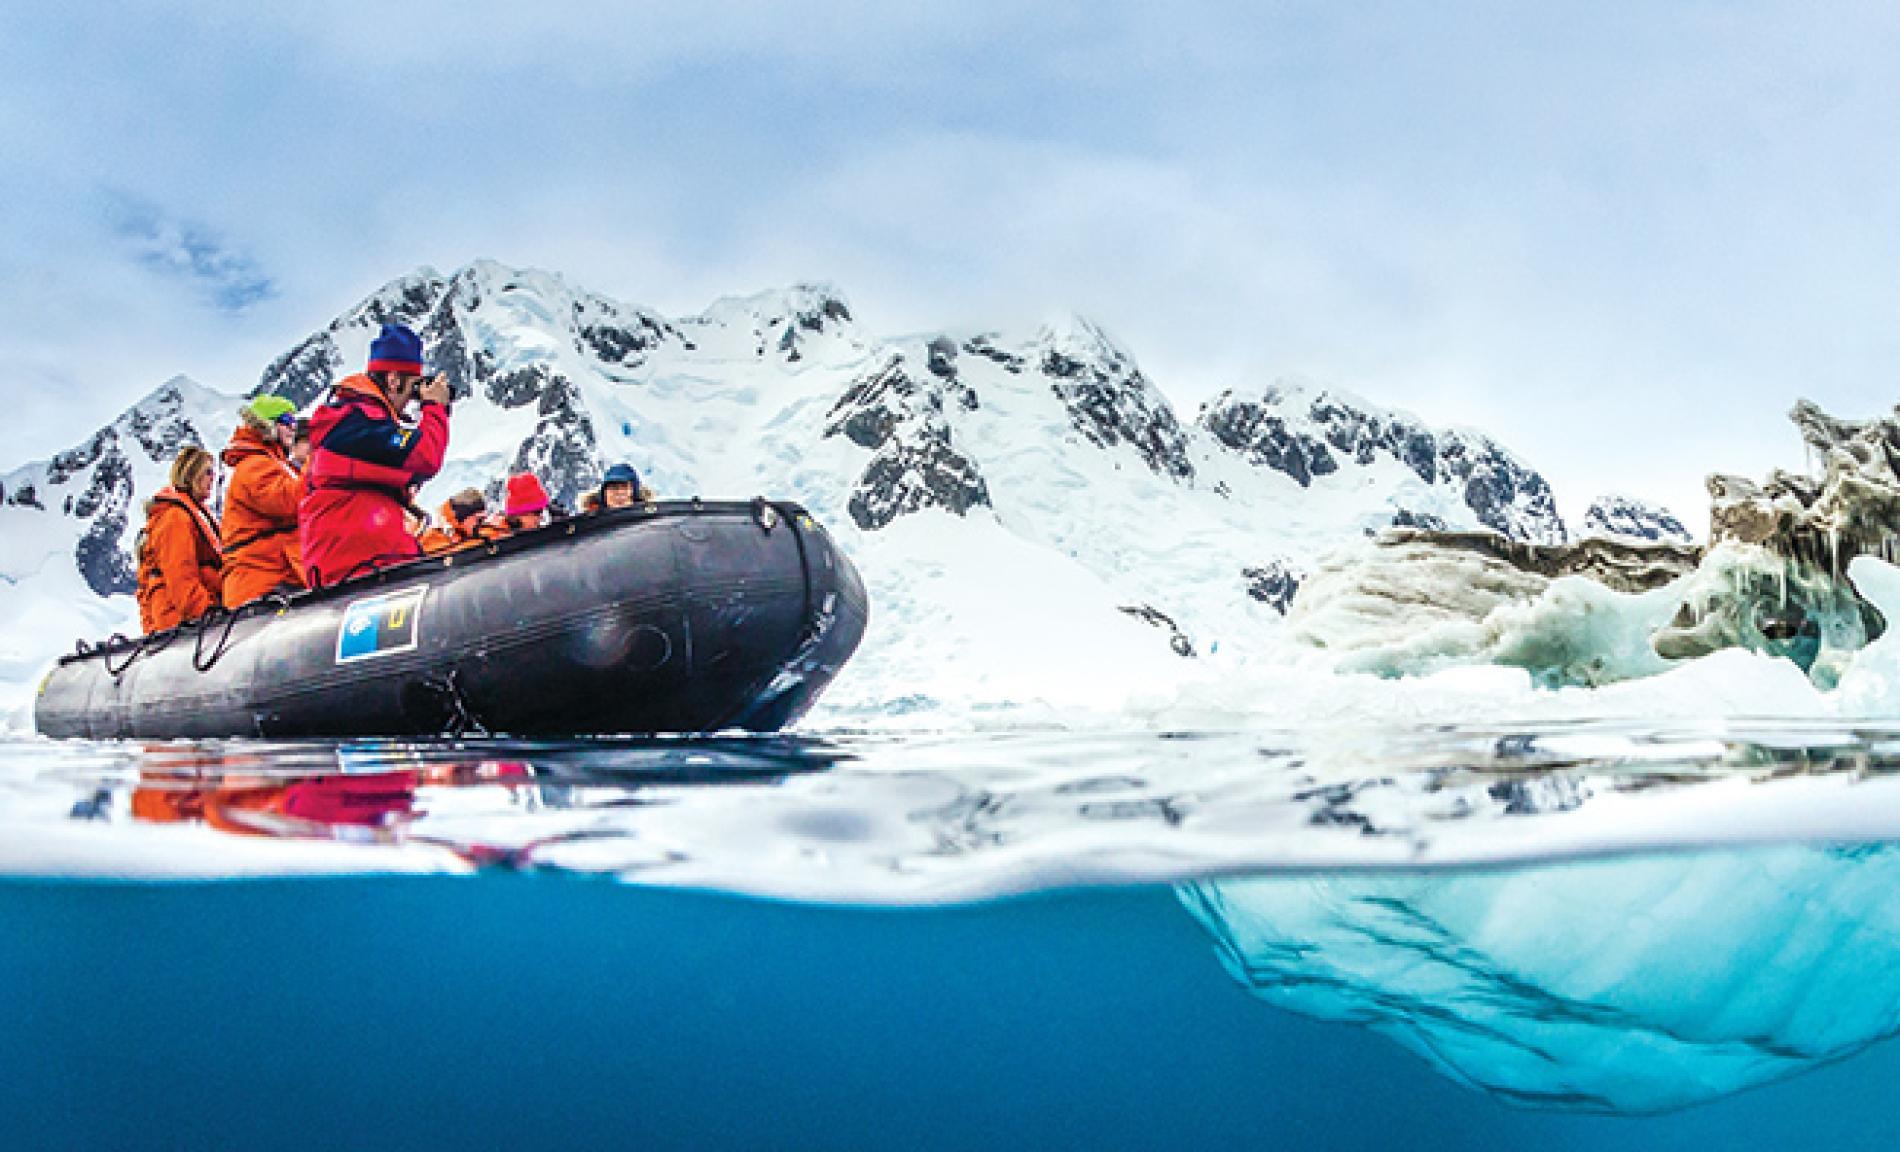 Антарктида – УКРАИНСКАЯ ГРУППА! Наблюдение за китами и исследование континента на новейшем экспедиционном судне «Hondius».